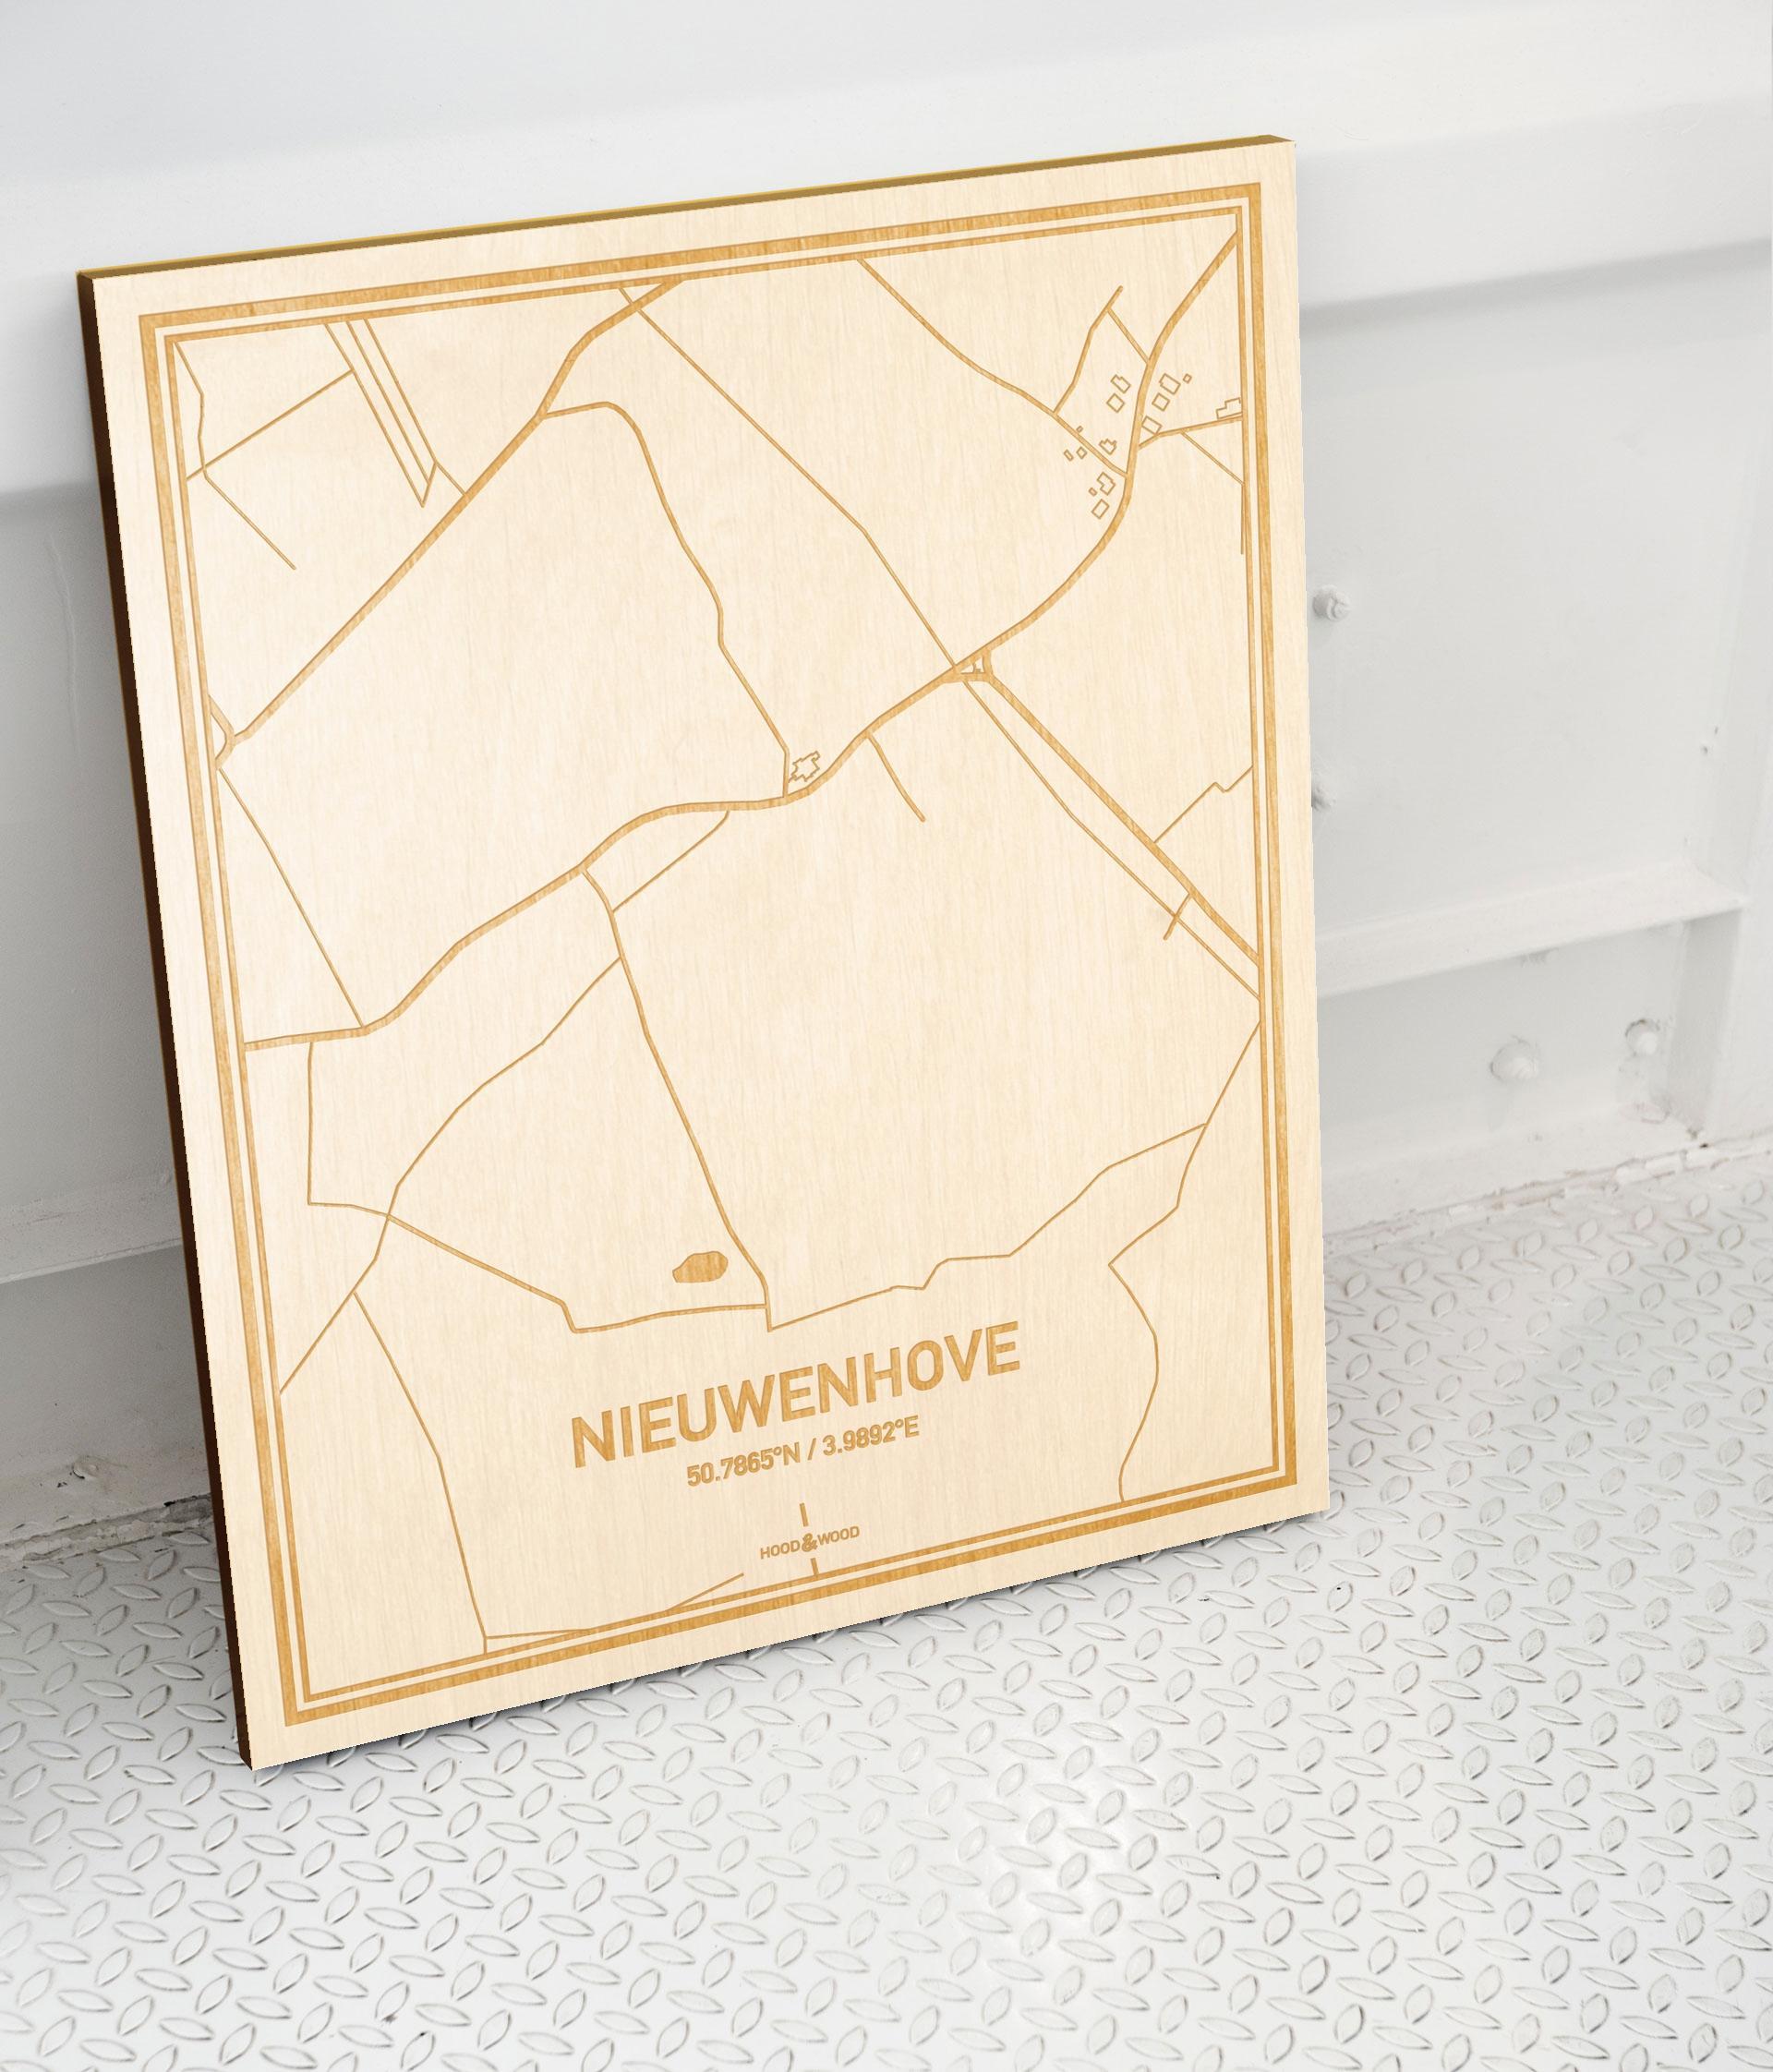 Plattegrond Nieuwenhove als prachtige houten wanddecoratie. Het warme hout contrasteert mooi met de witte muur.